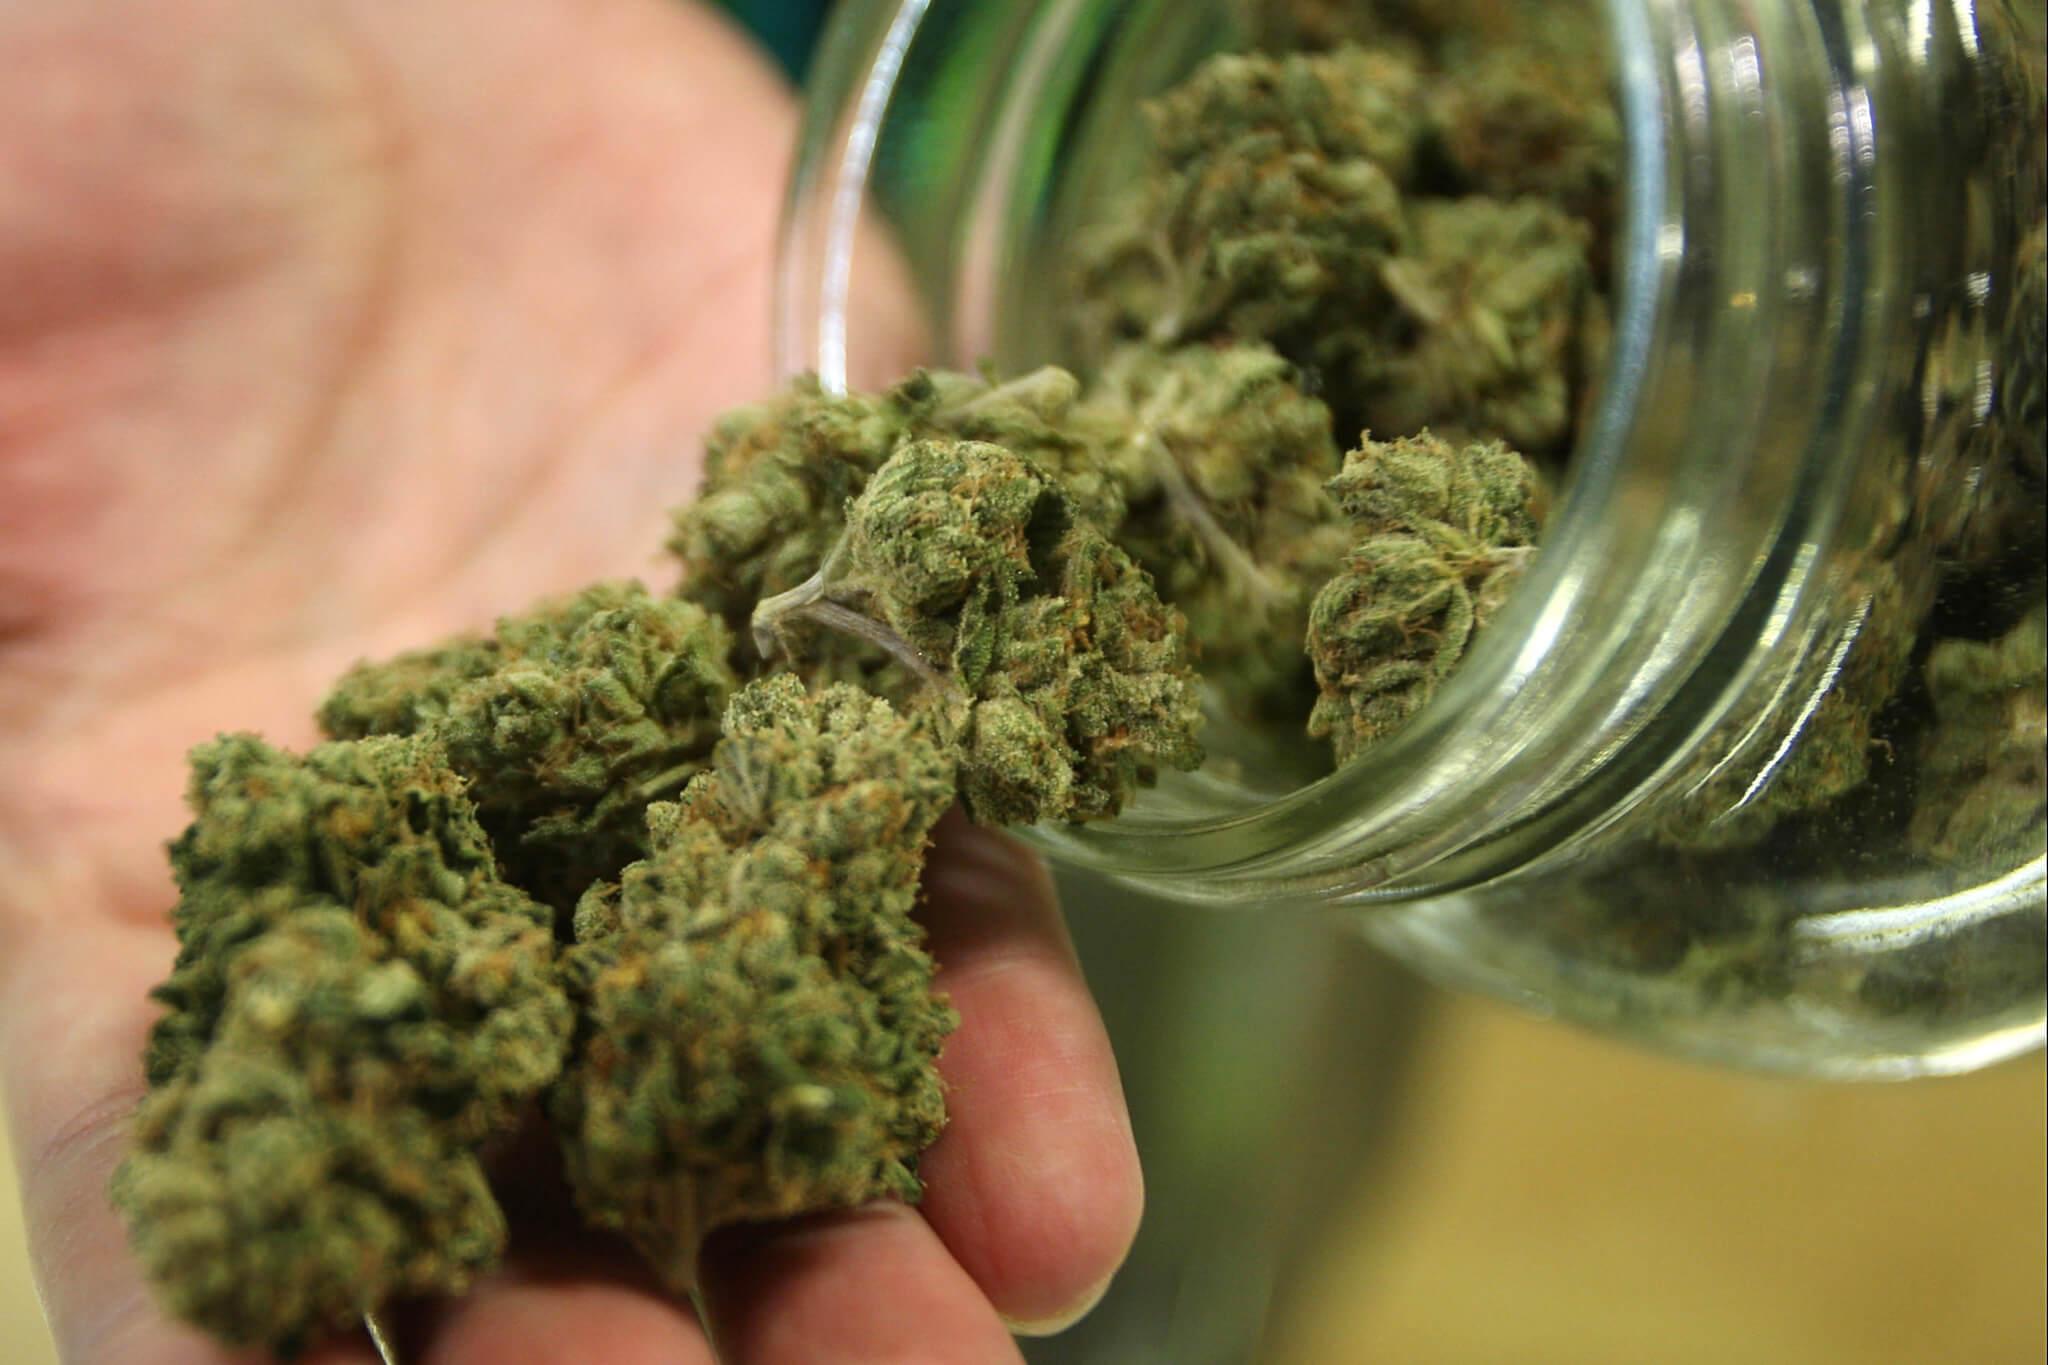 persona sosteniendo un frasco con marihuana